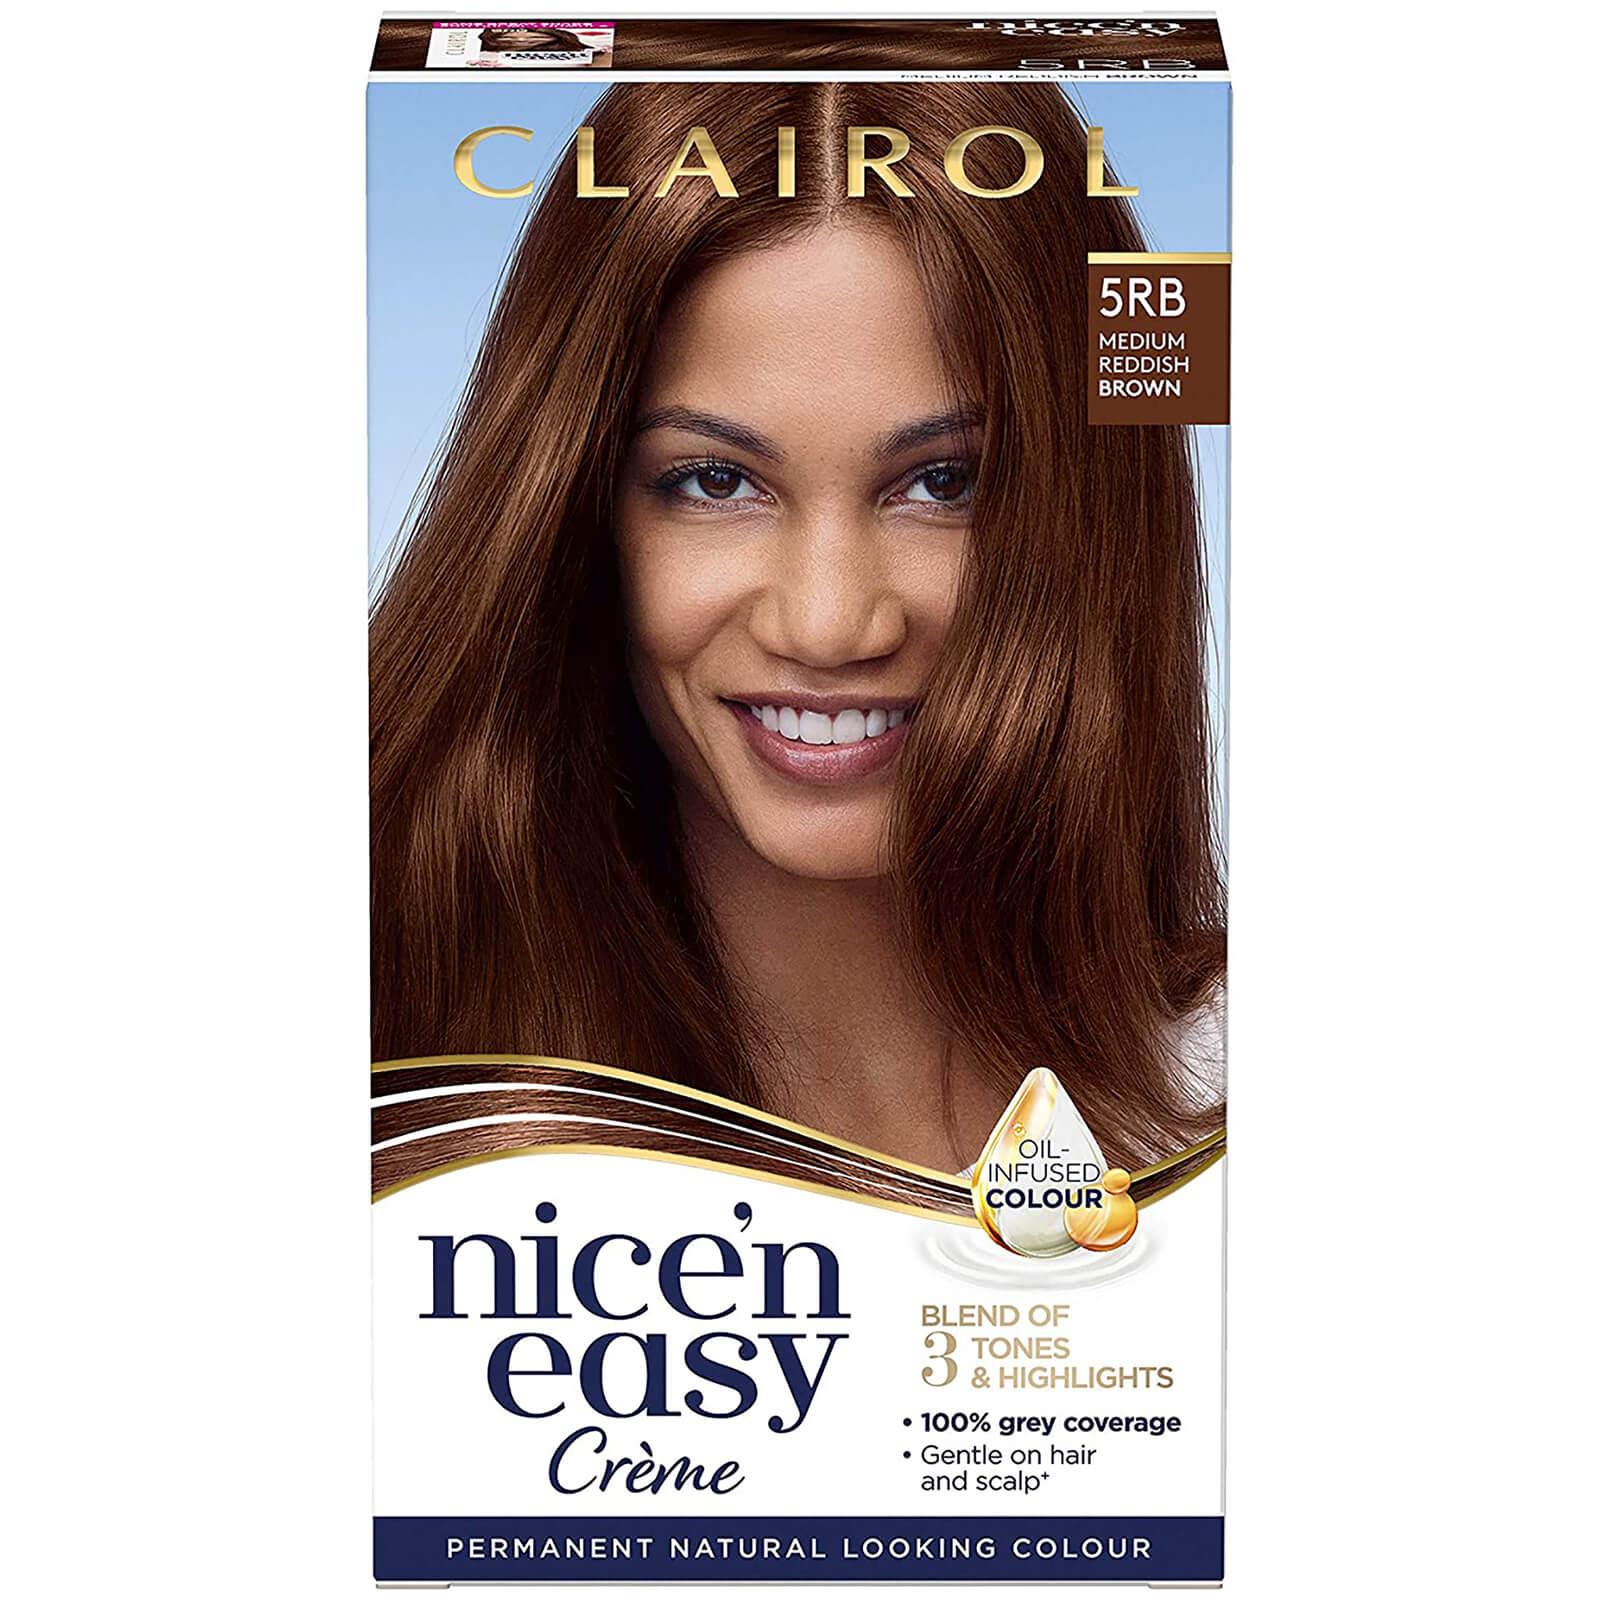 Clairol Nice' n Easy Crème Natural Looking Oil Infused Permanent Hair Dye 177ml (Various Shades) - 5RB Medium Reddish Brown